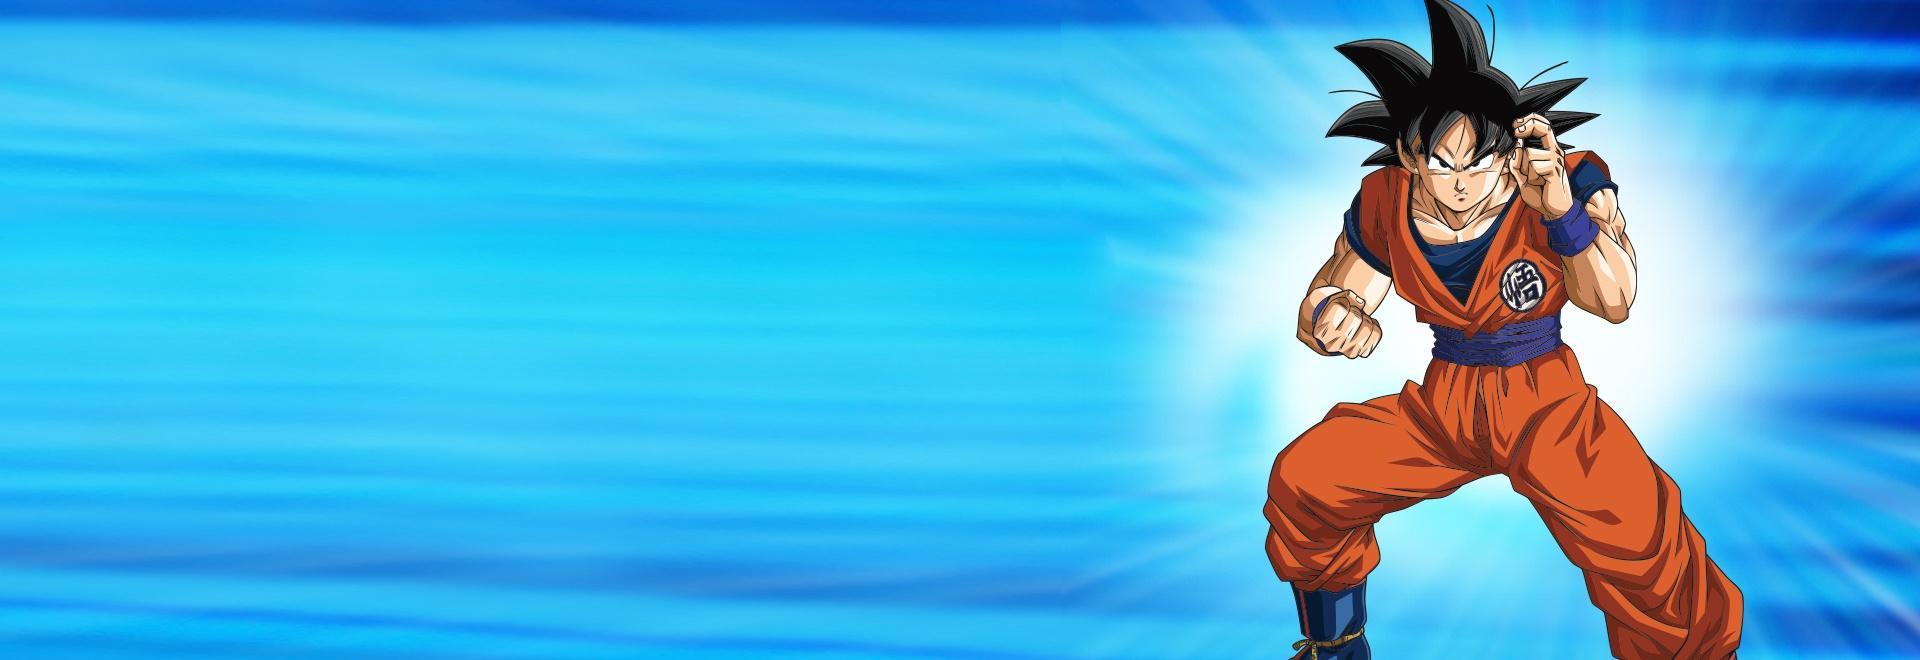 La sfida dell'orgoglio! Vegeta affronta il guerriero più potente!